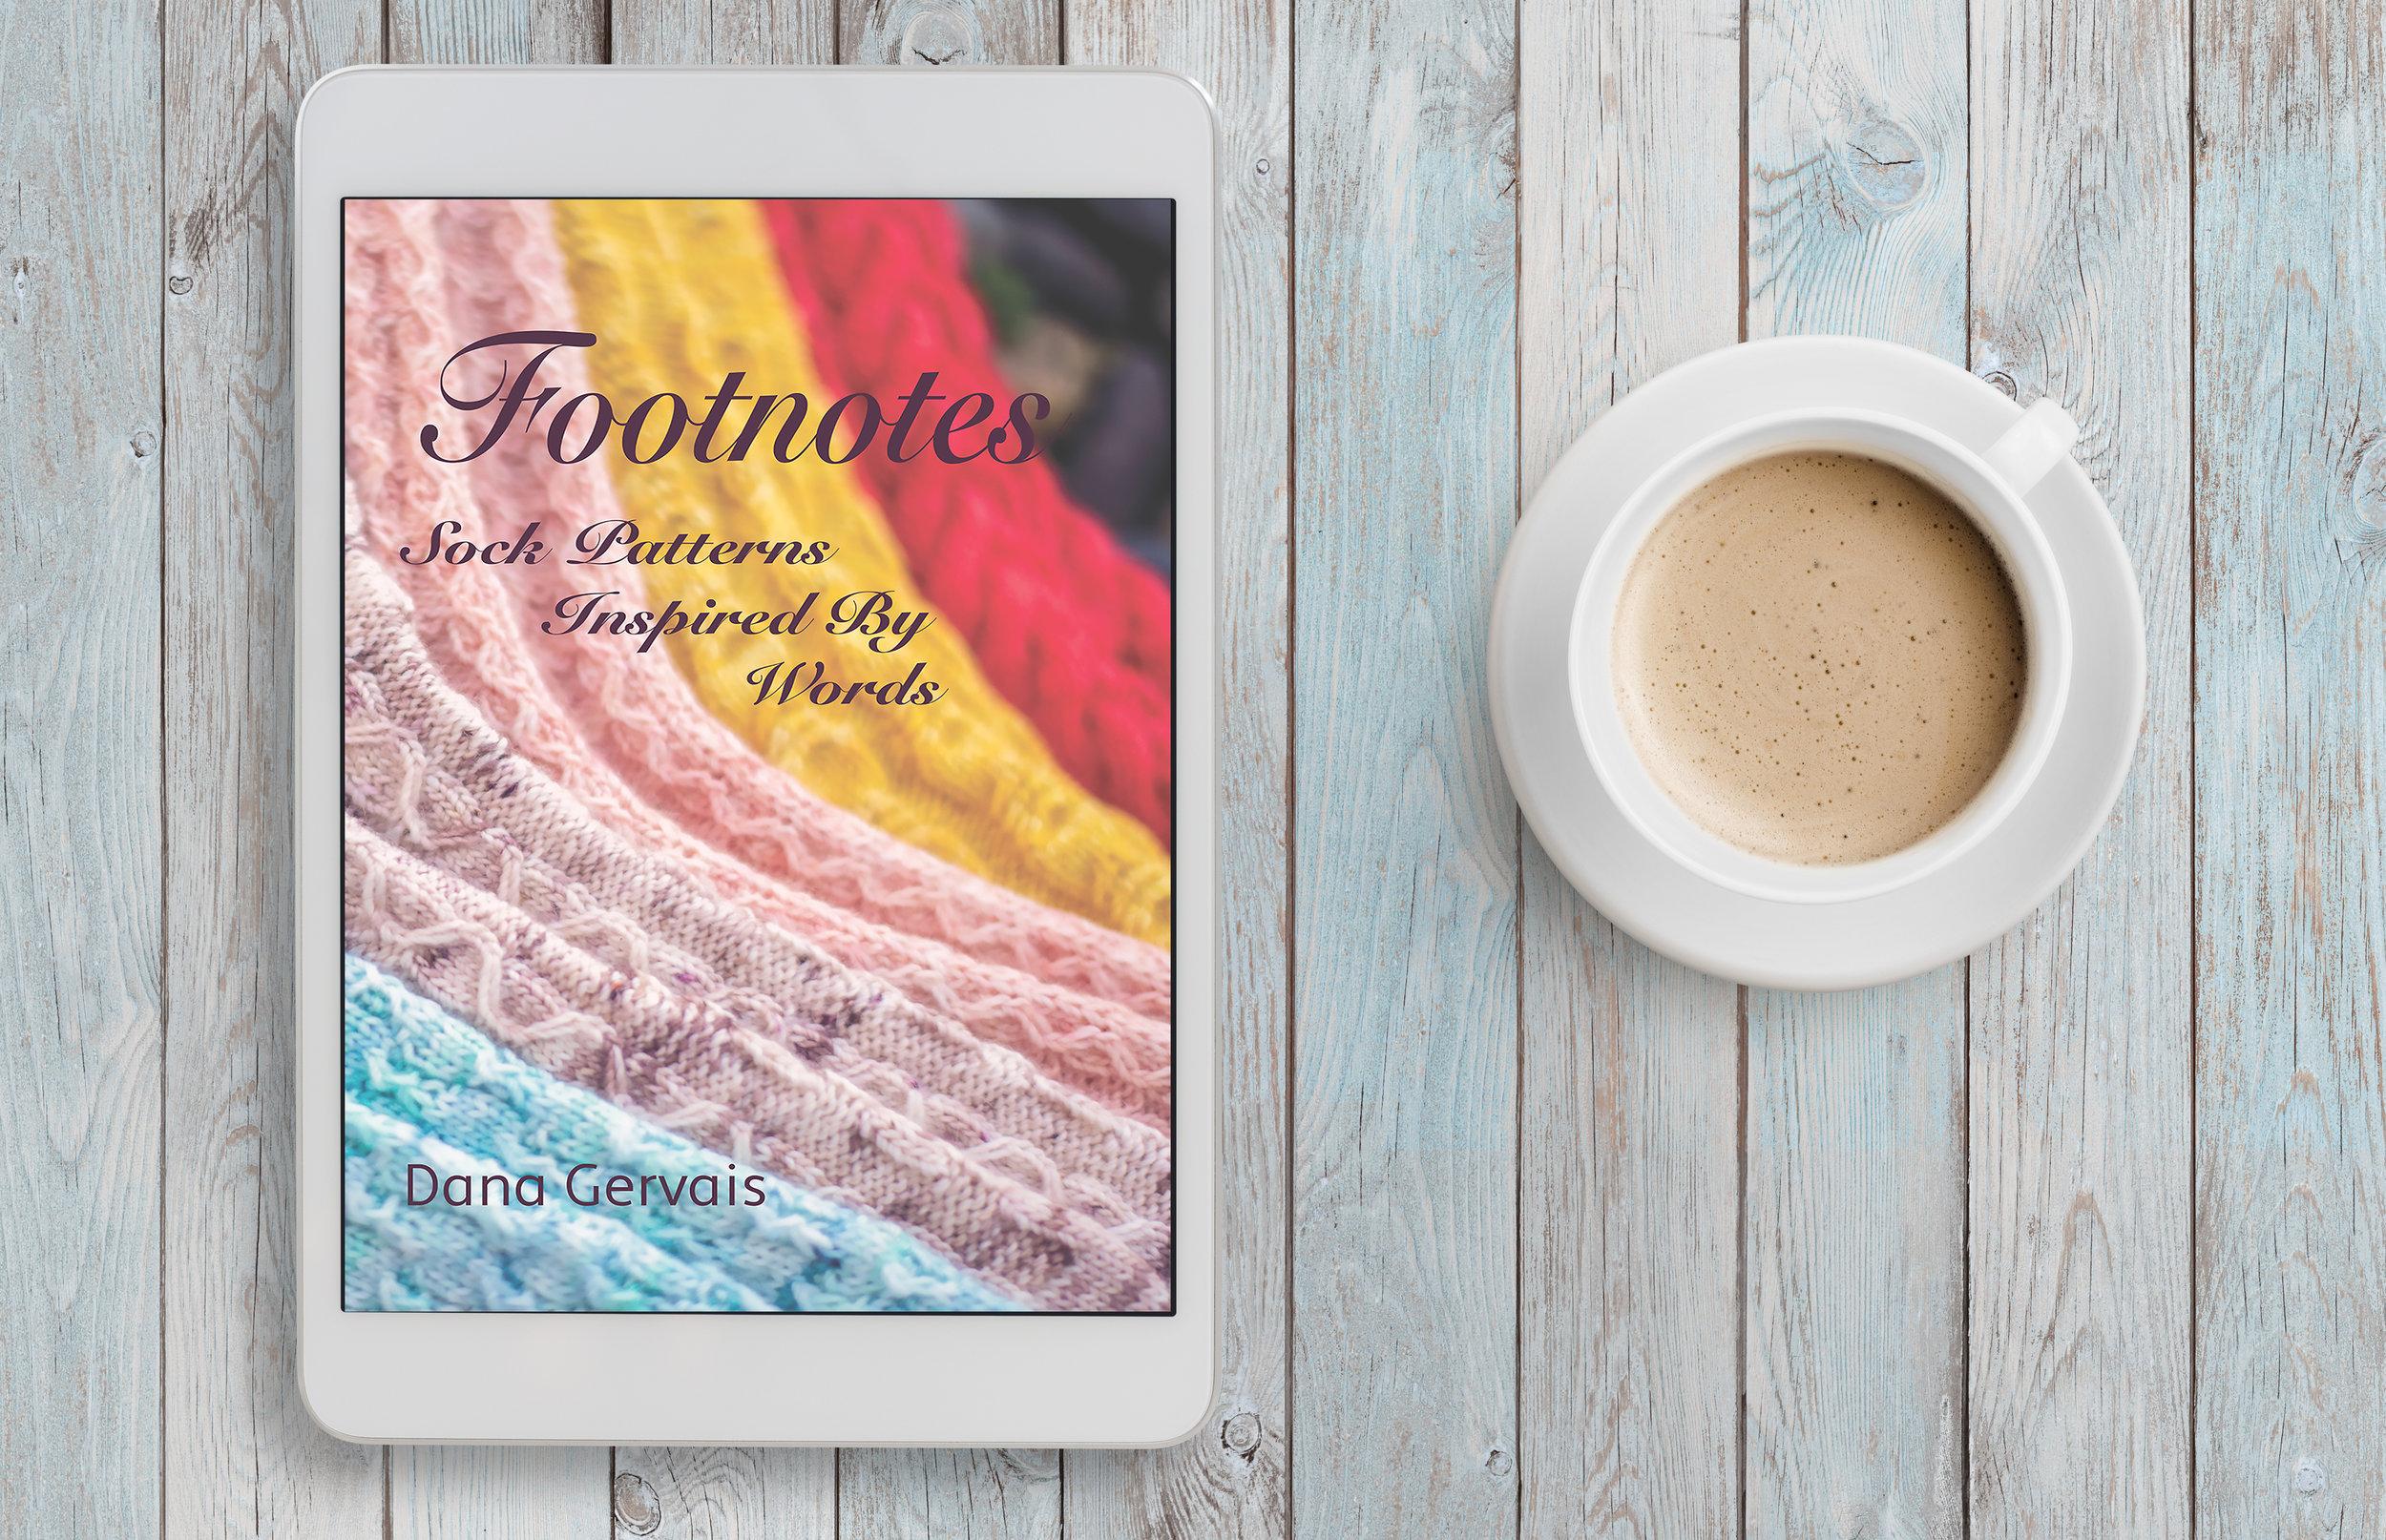 Available as an eBook